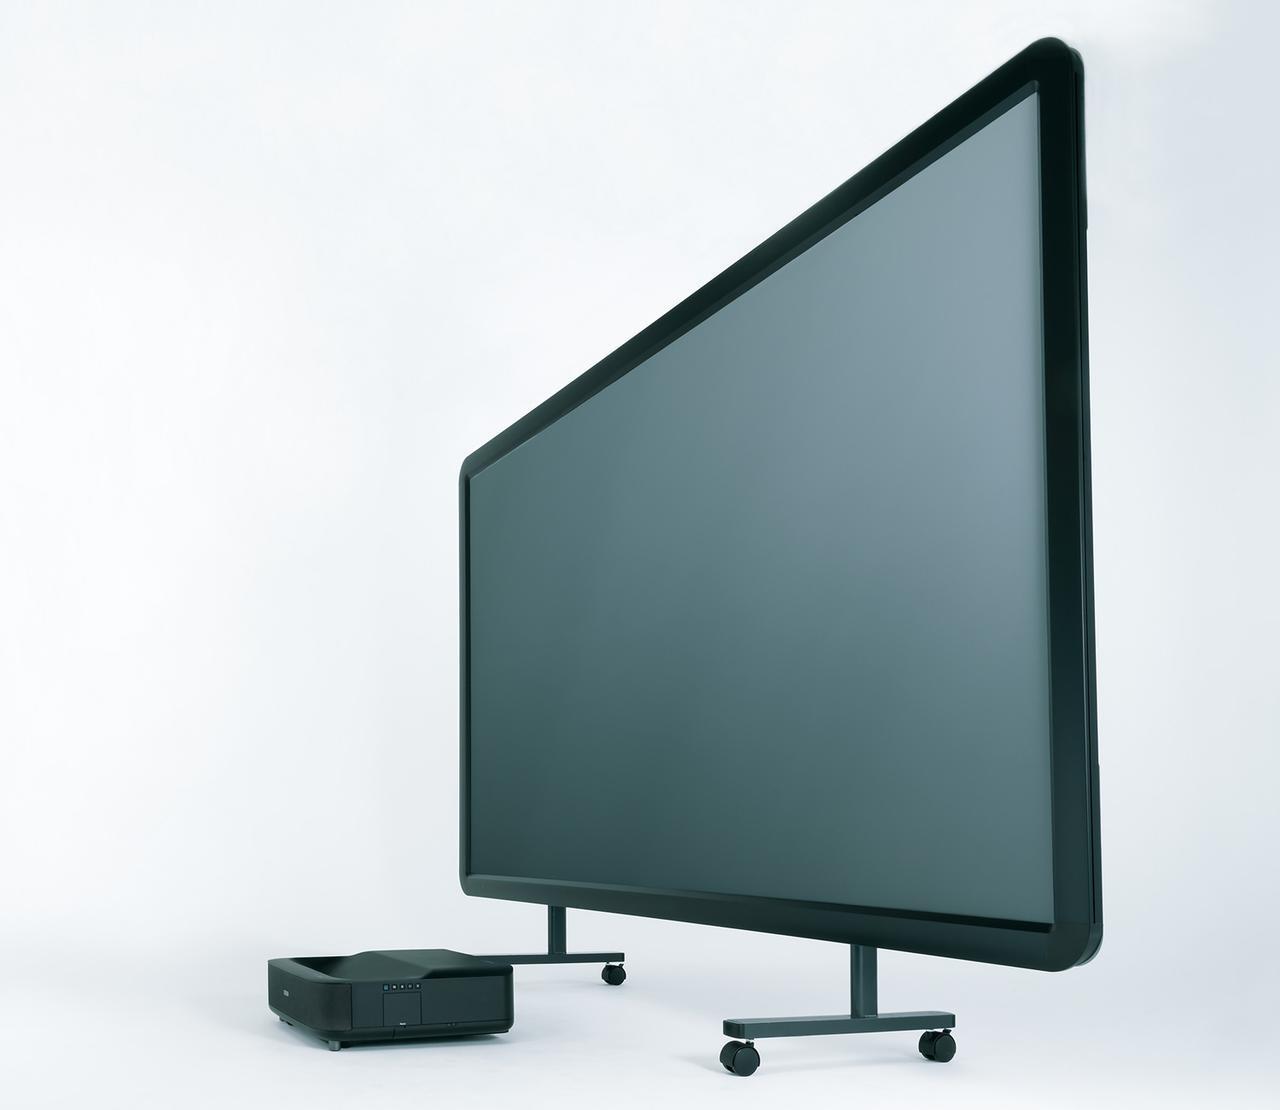 画像2: 感動の大画面映像の鍵。「スクリーン」に注目しよう!KIKUCHI『WAV-70HDC』『SPA-100HDUT』